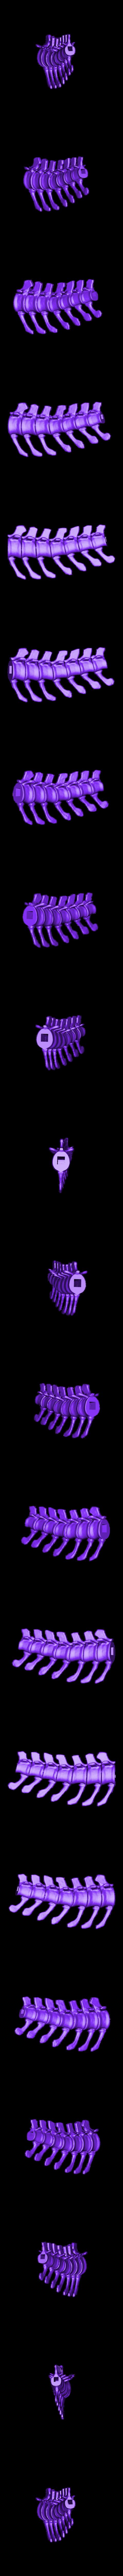 TRex_Tail2.stl Télécharger fichier STL gratuit T-Rex Skeleton - Leo Burton Mount • Objet à imprimer en 3D, LordLilapause